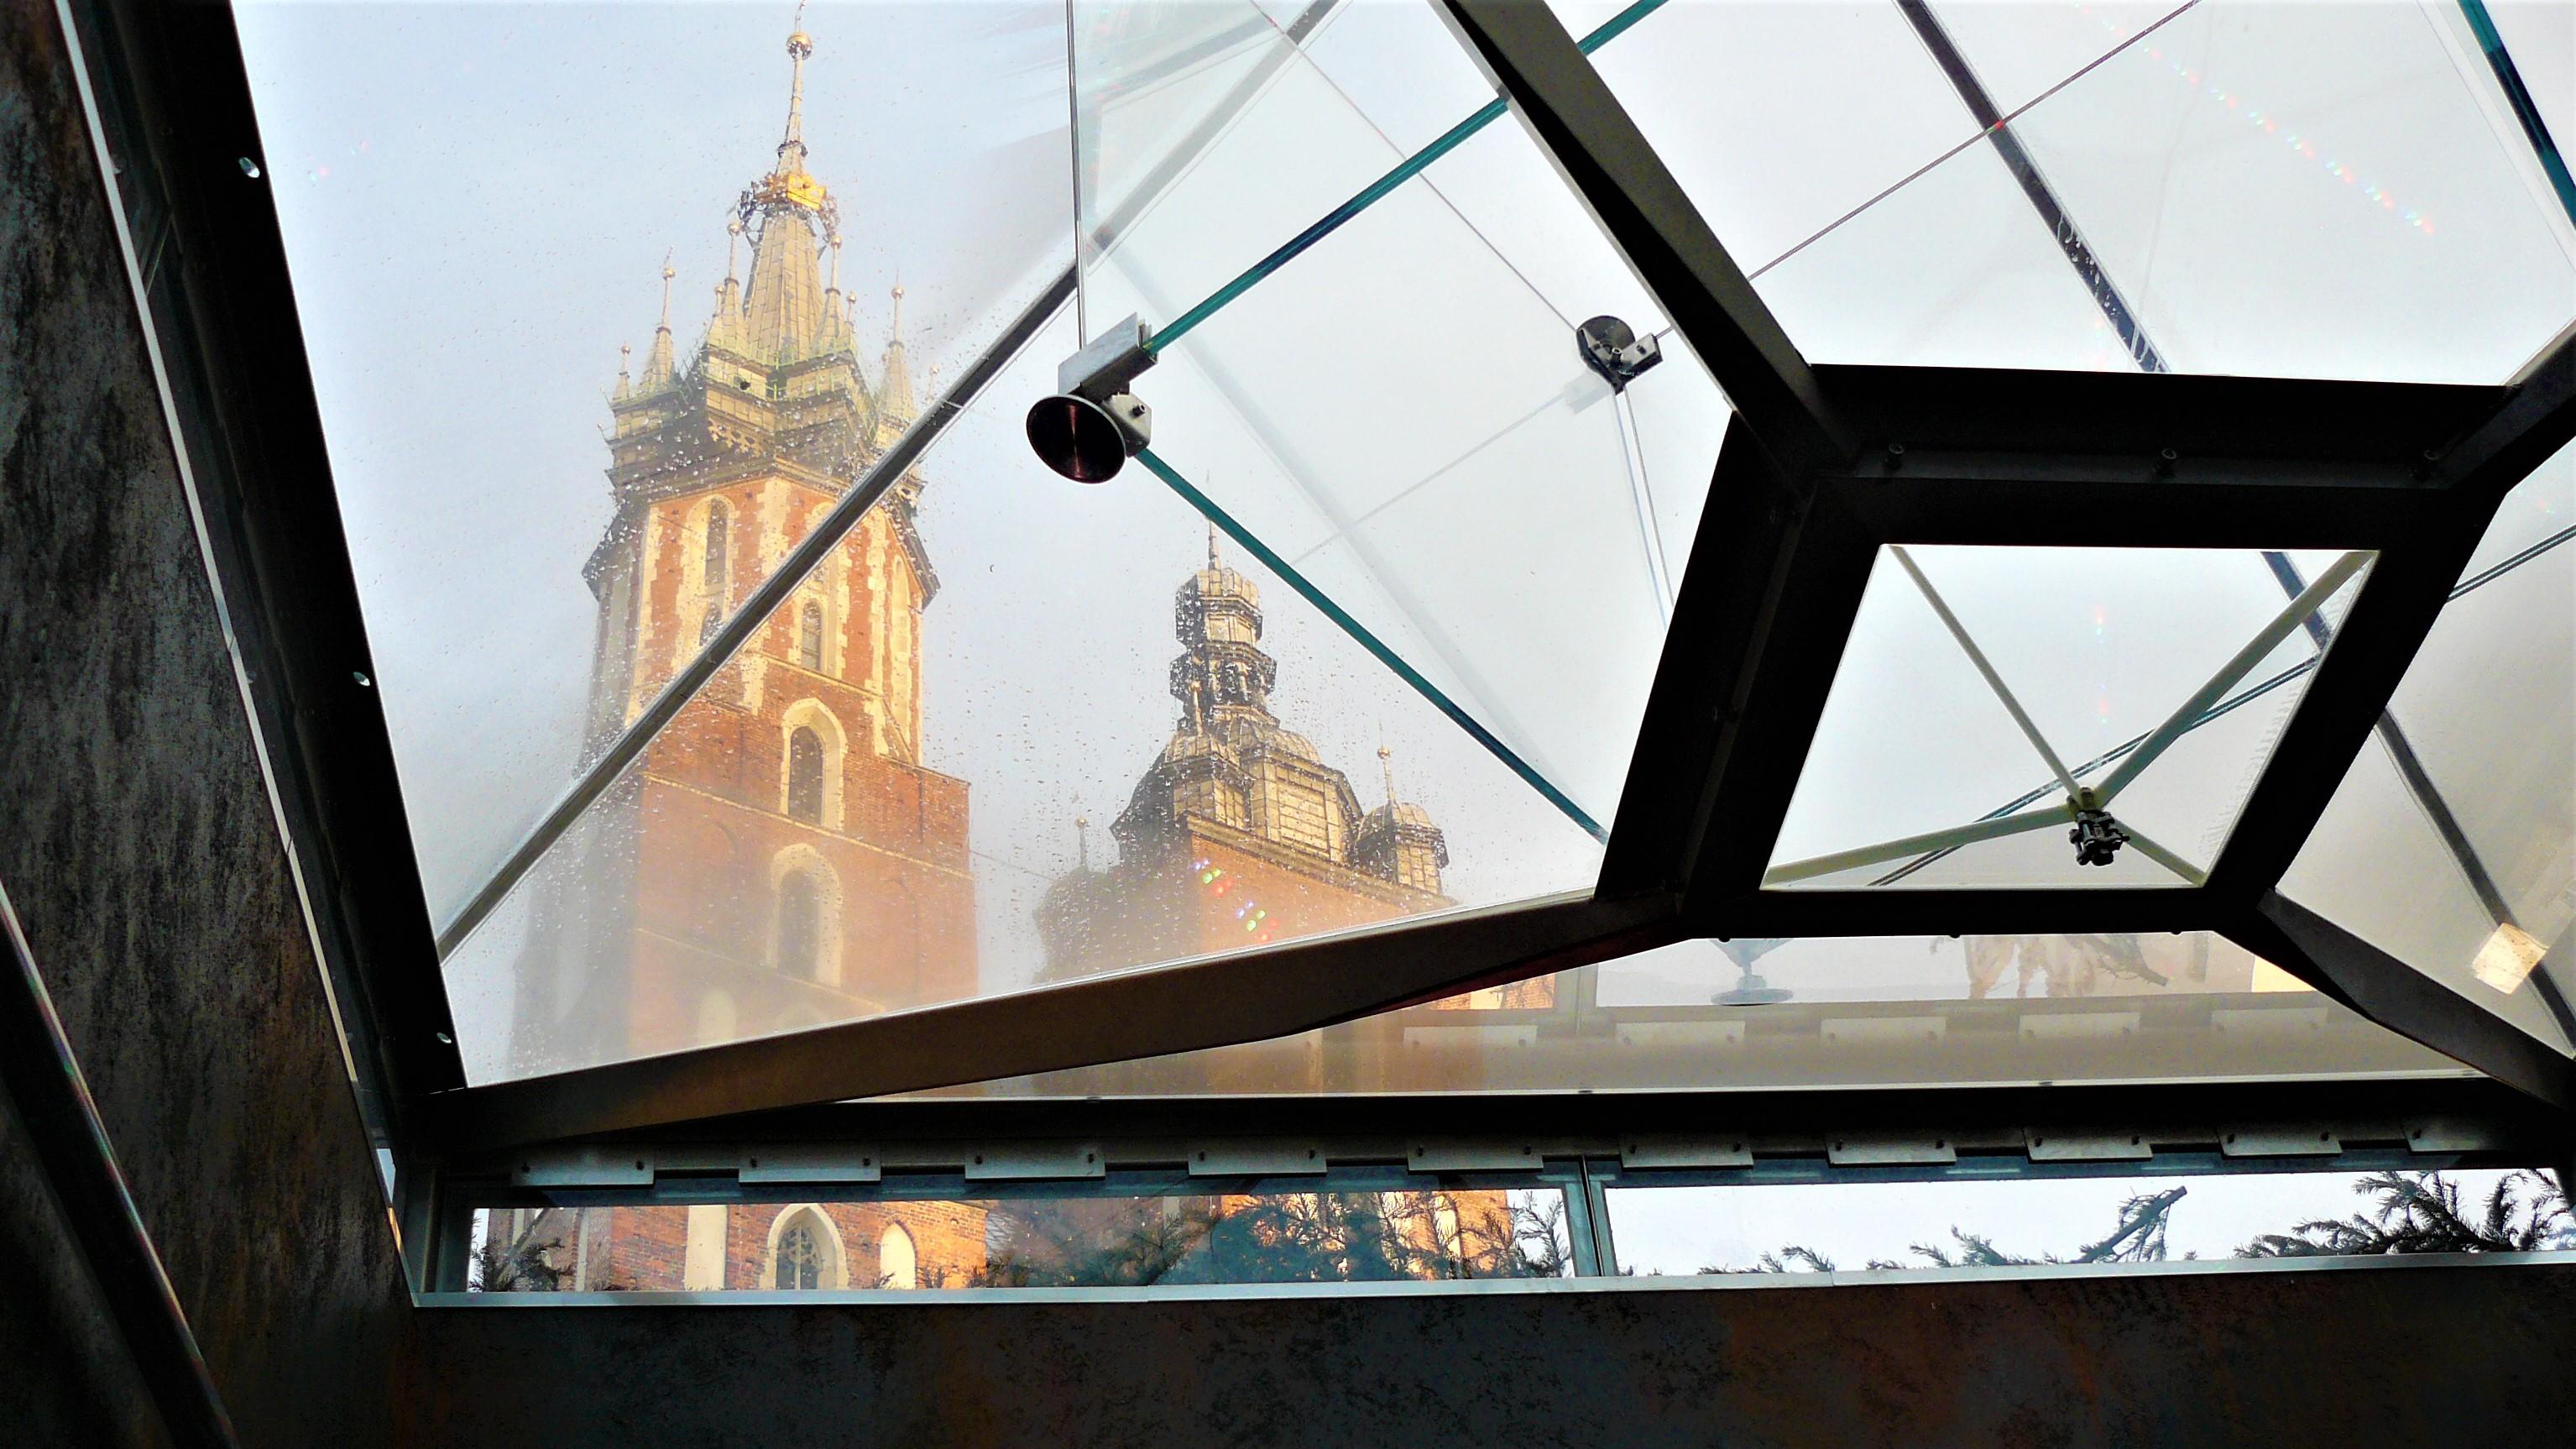 6 cracovi musee rynek vieille ville que voir visites voyage train pologne